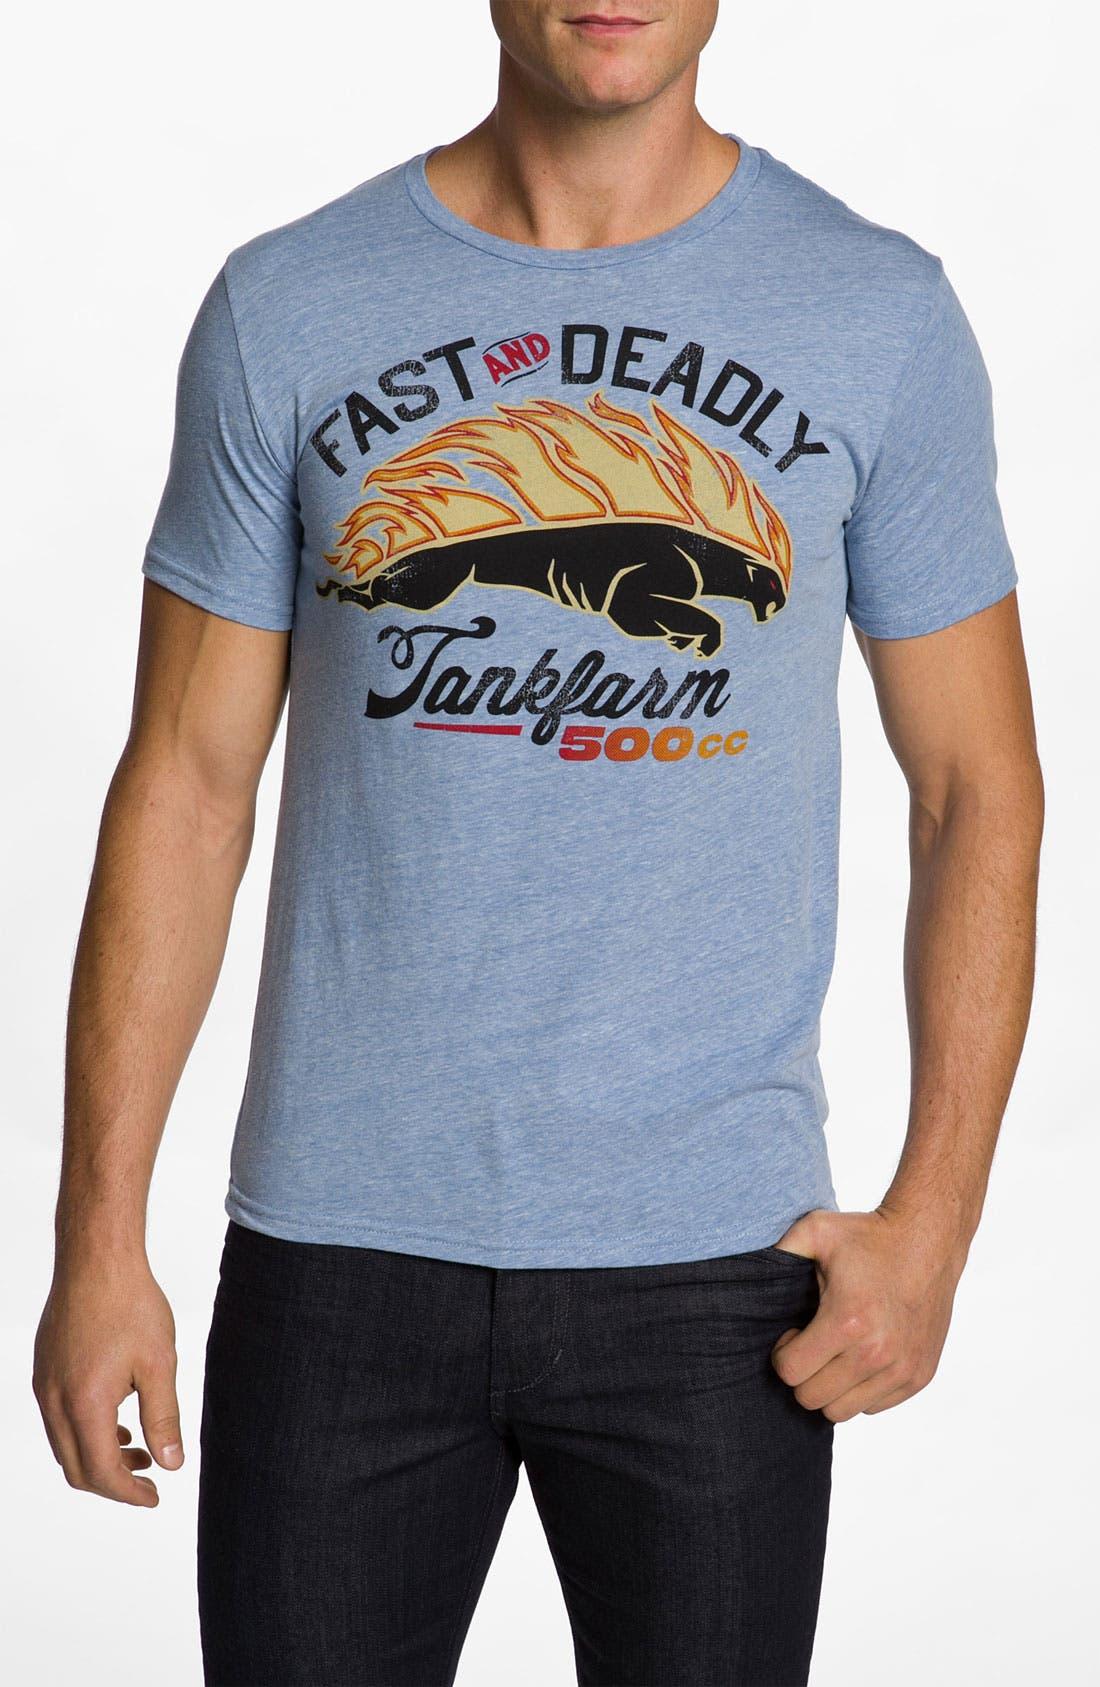 Main Image - Tankfarm 'Fast 500' T-Shirt